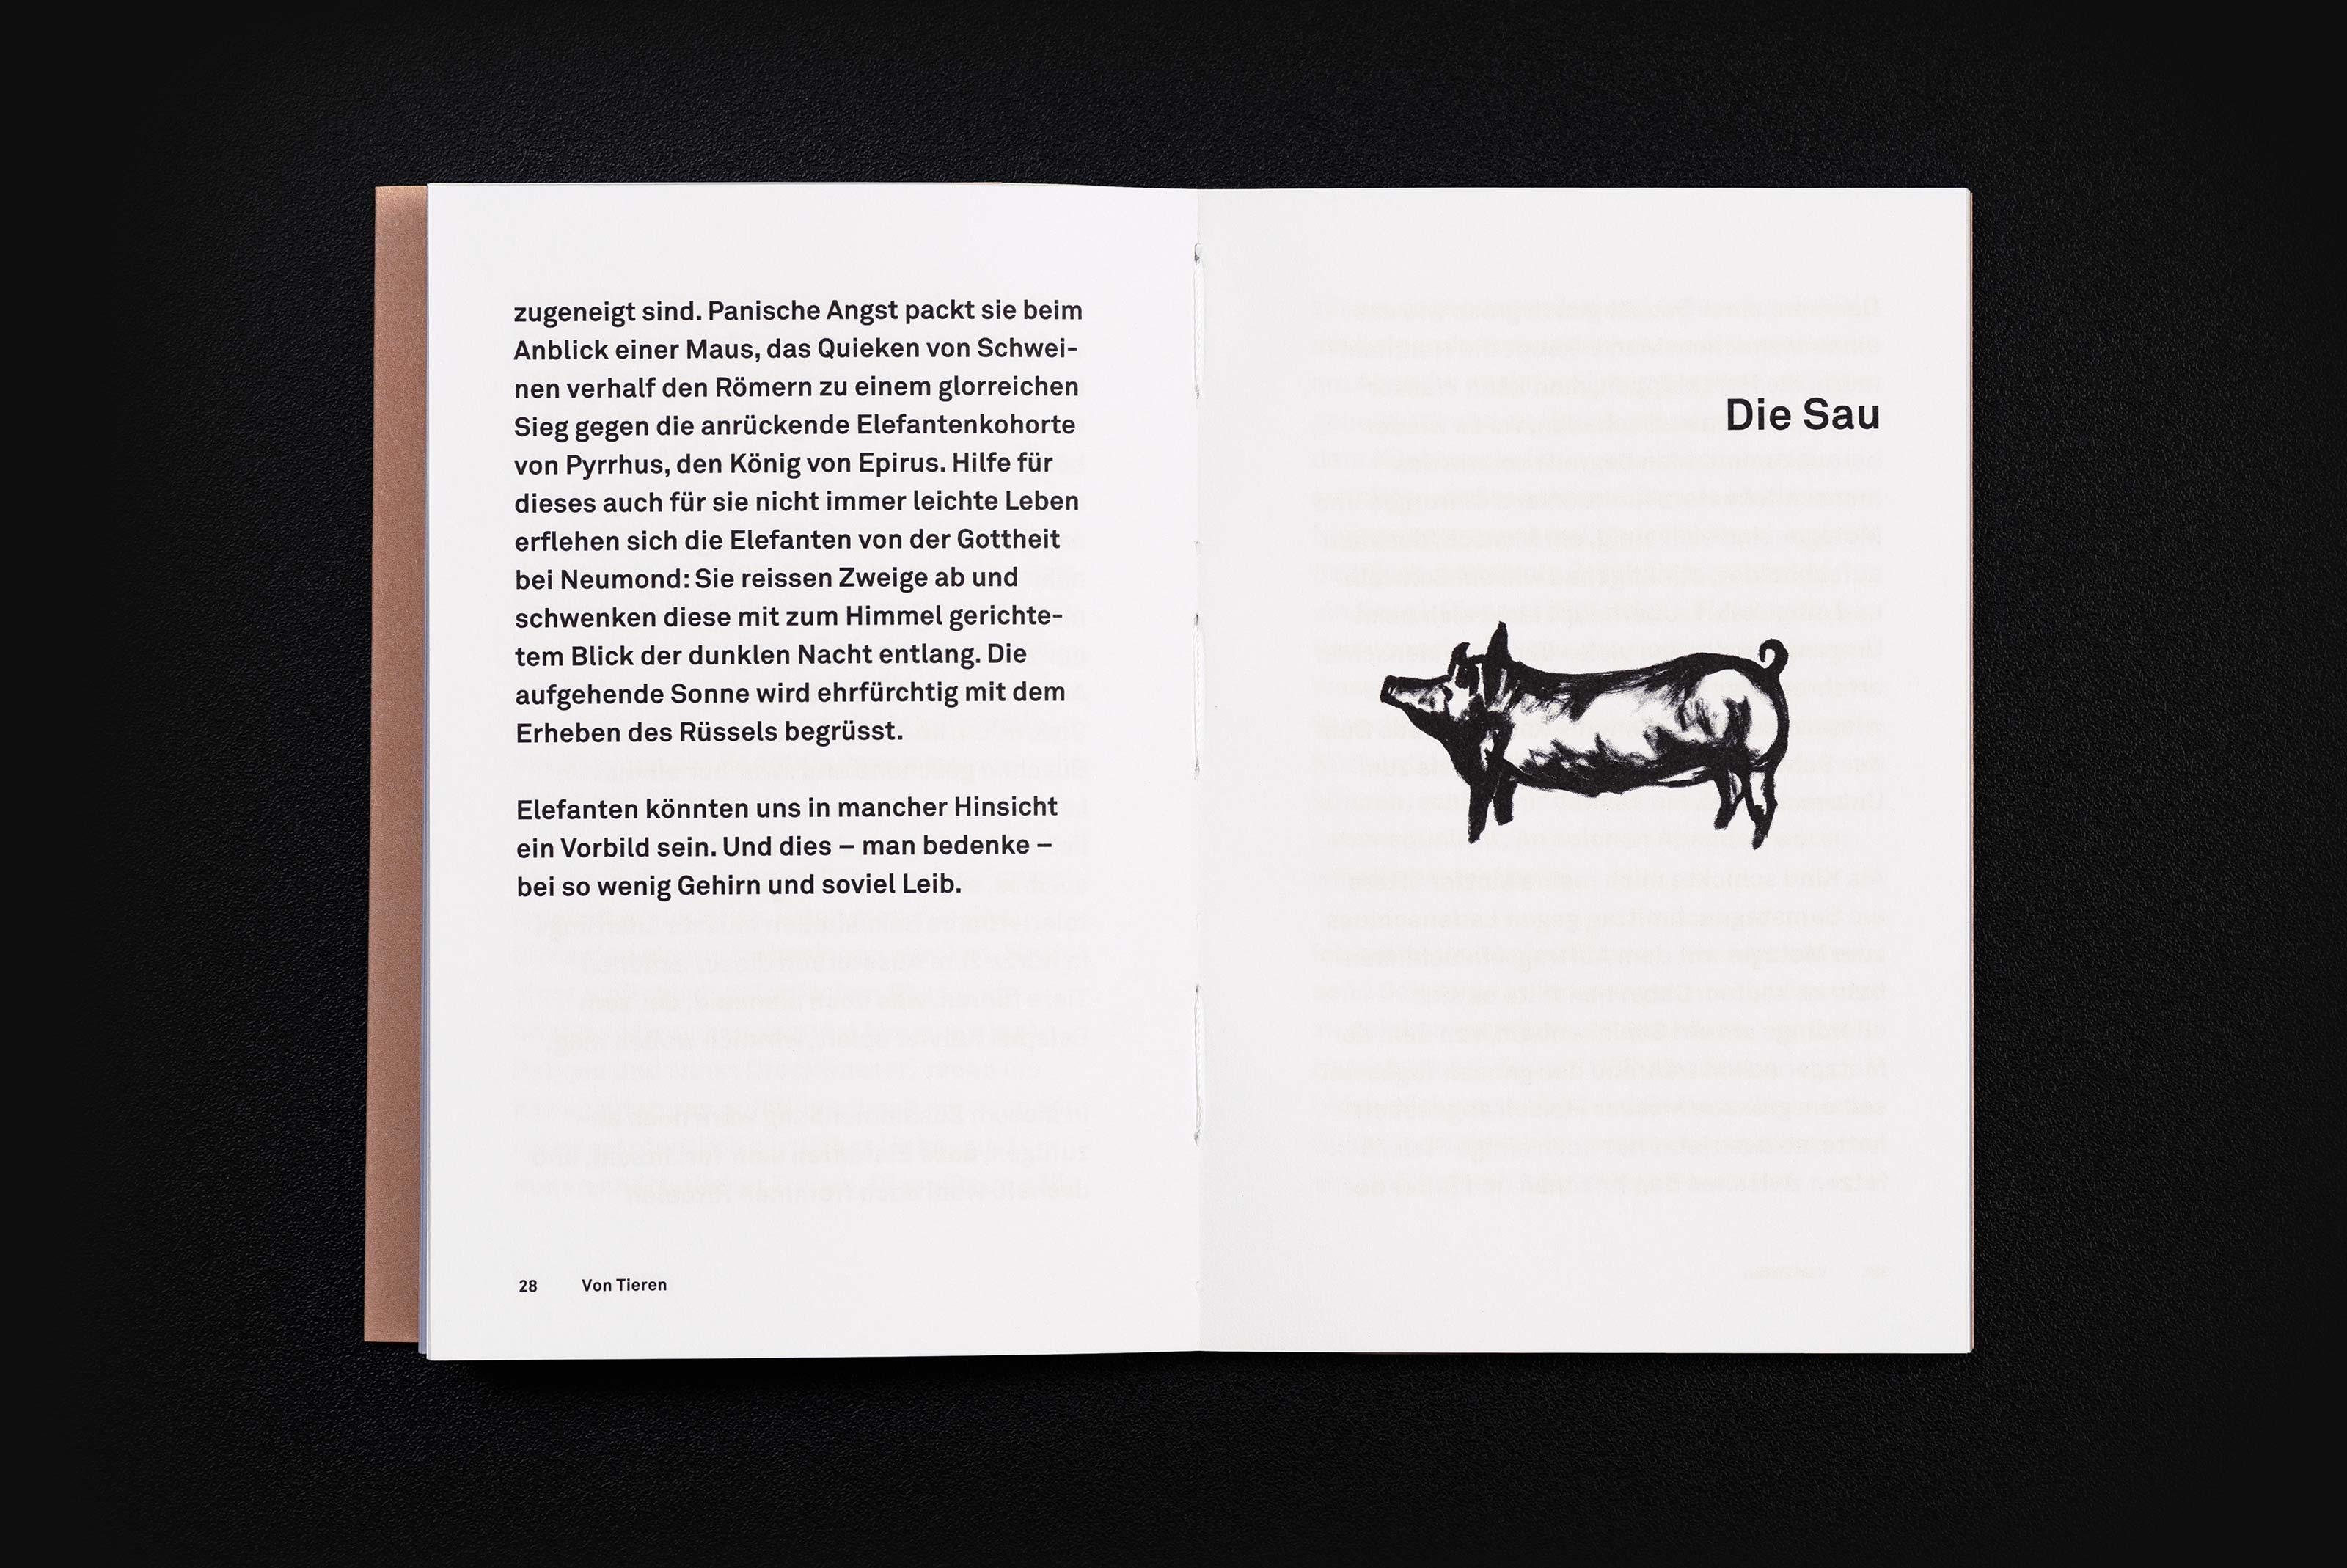 Frand Dodel – Von Tieren, content illustration ©Atelier Pol × Barbara Hess